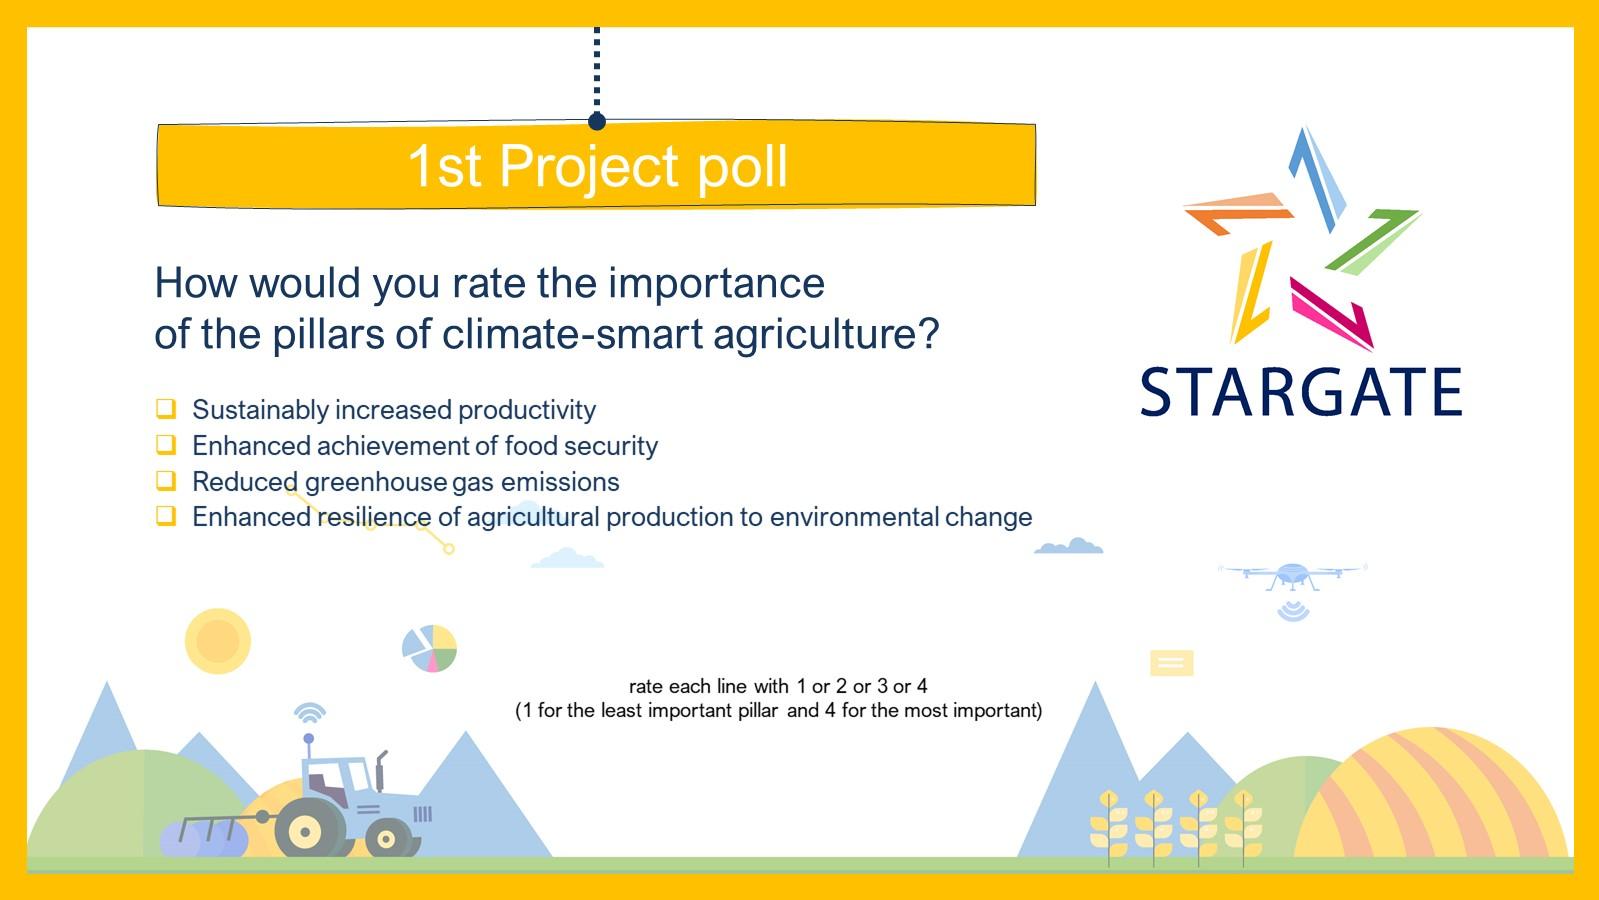 STARGATE 1st poll WEBSITE & SOCIAL MEDIA BANNER